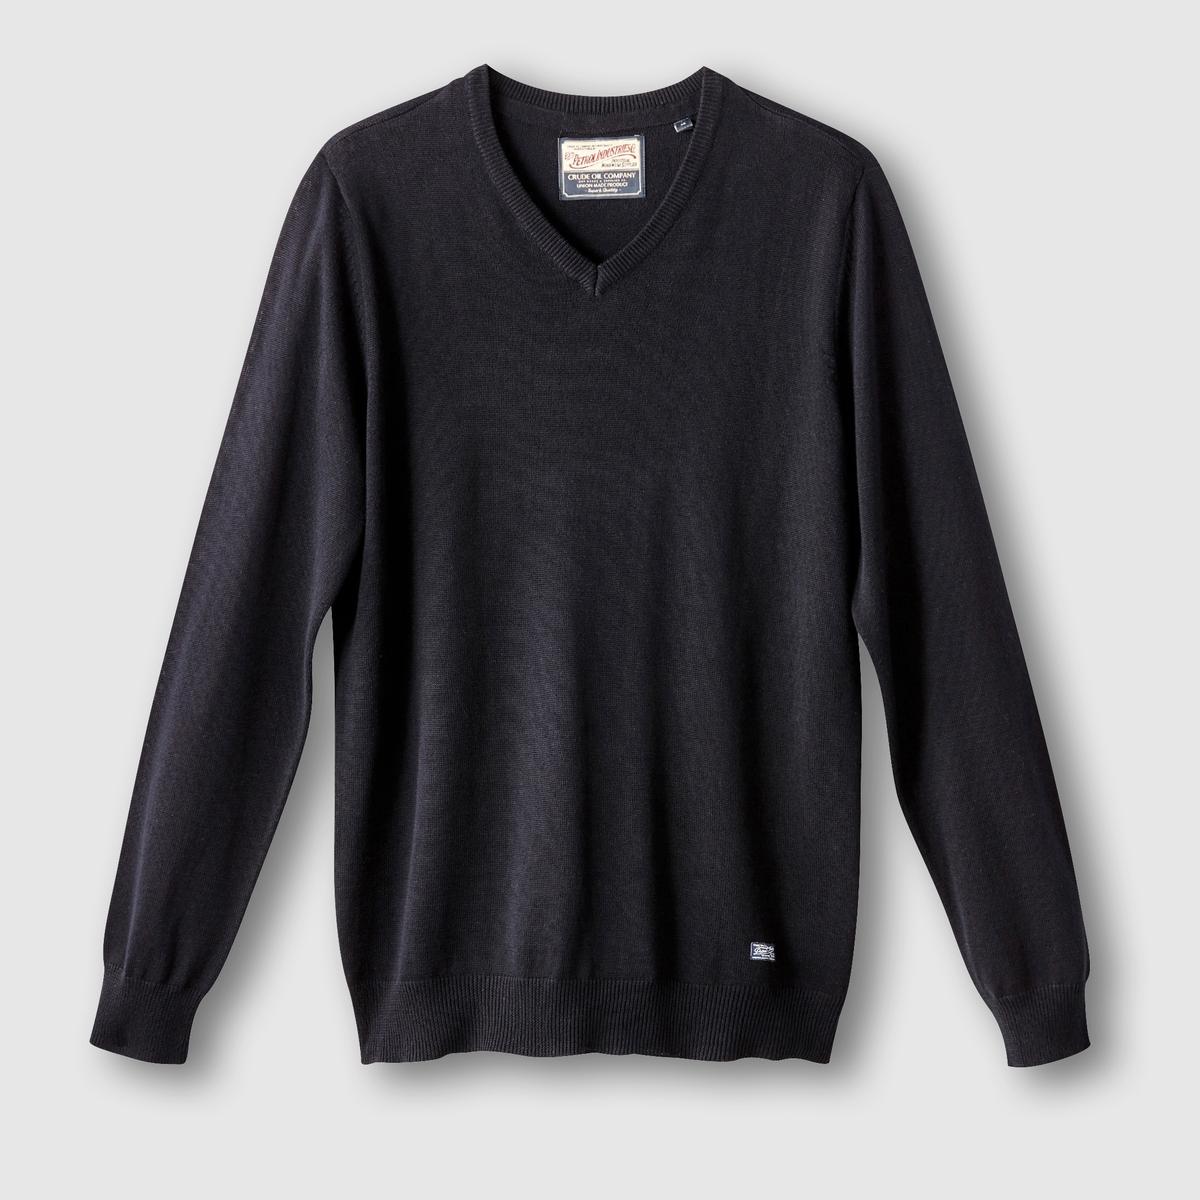 Пуловер с V-образным вырезомСостав и описание:Материал: 50% акрила, 50% хлопка.Марка: PETROL INDUSTRIES.<br><br>Цвет: каштановый меланж,черный<br>Размер: S